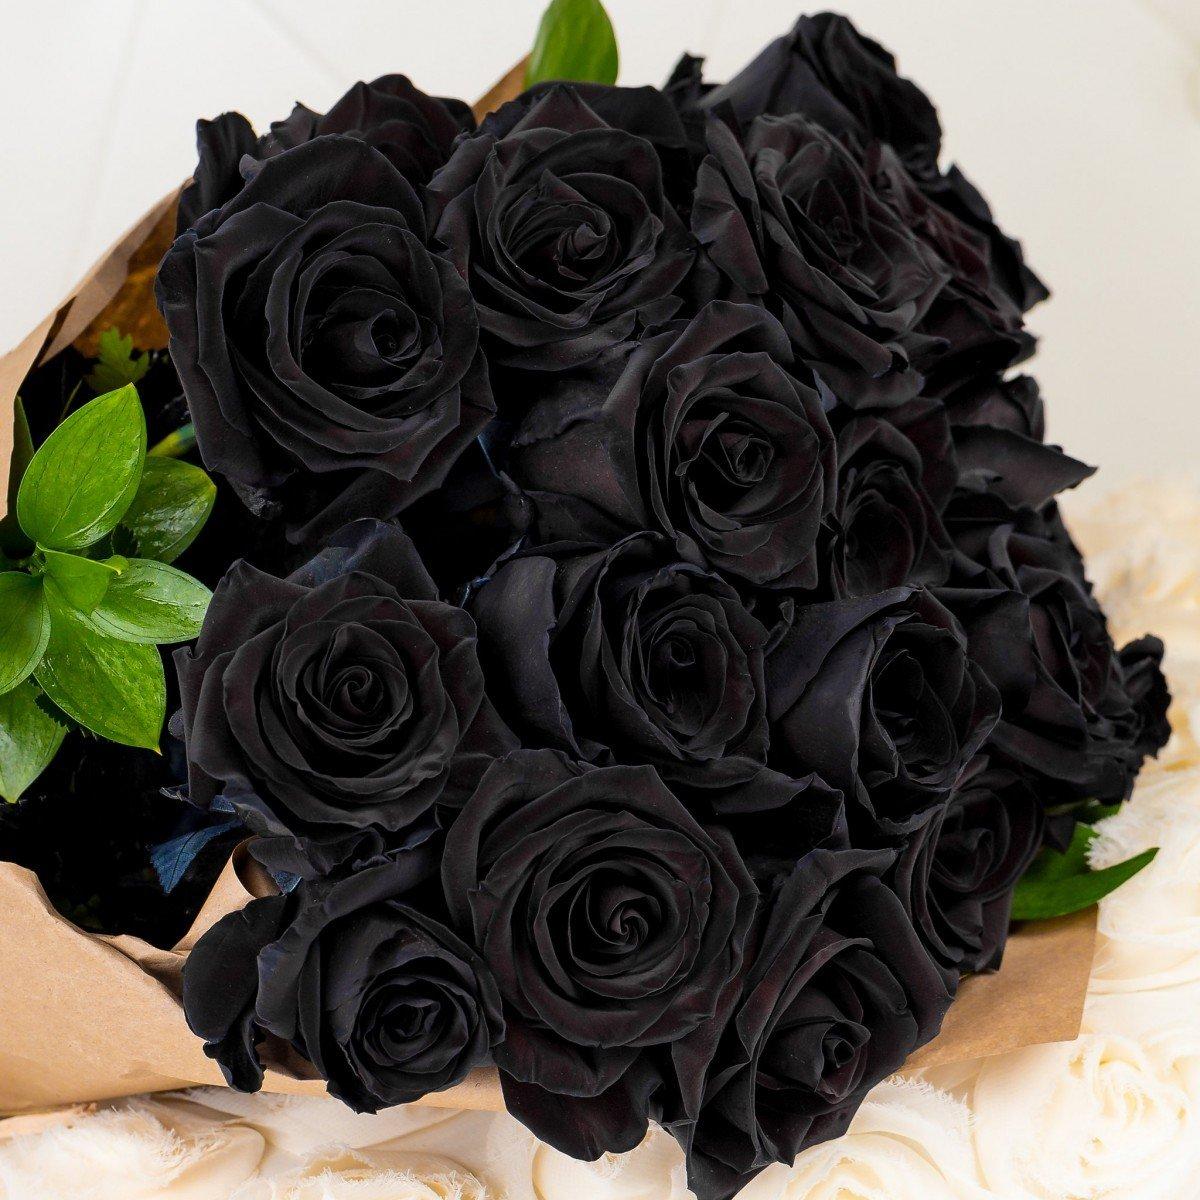 цепляются картинки чорних троянд шесть лет она